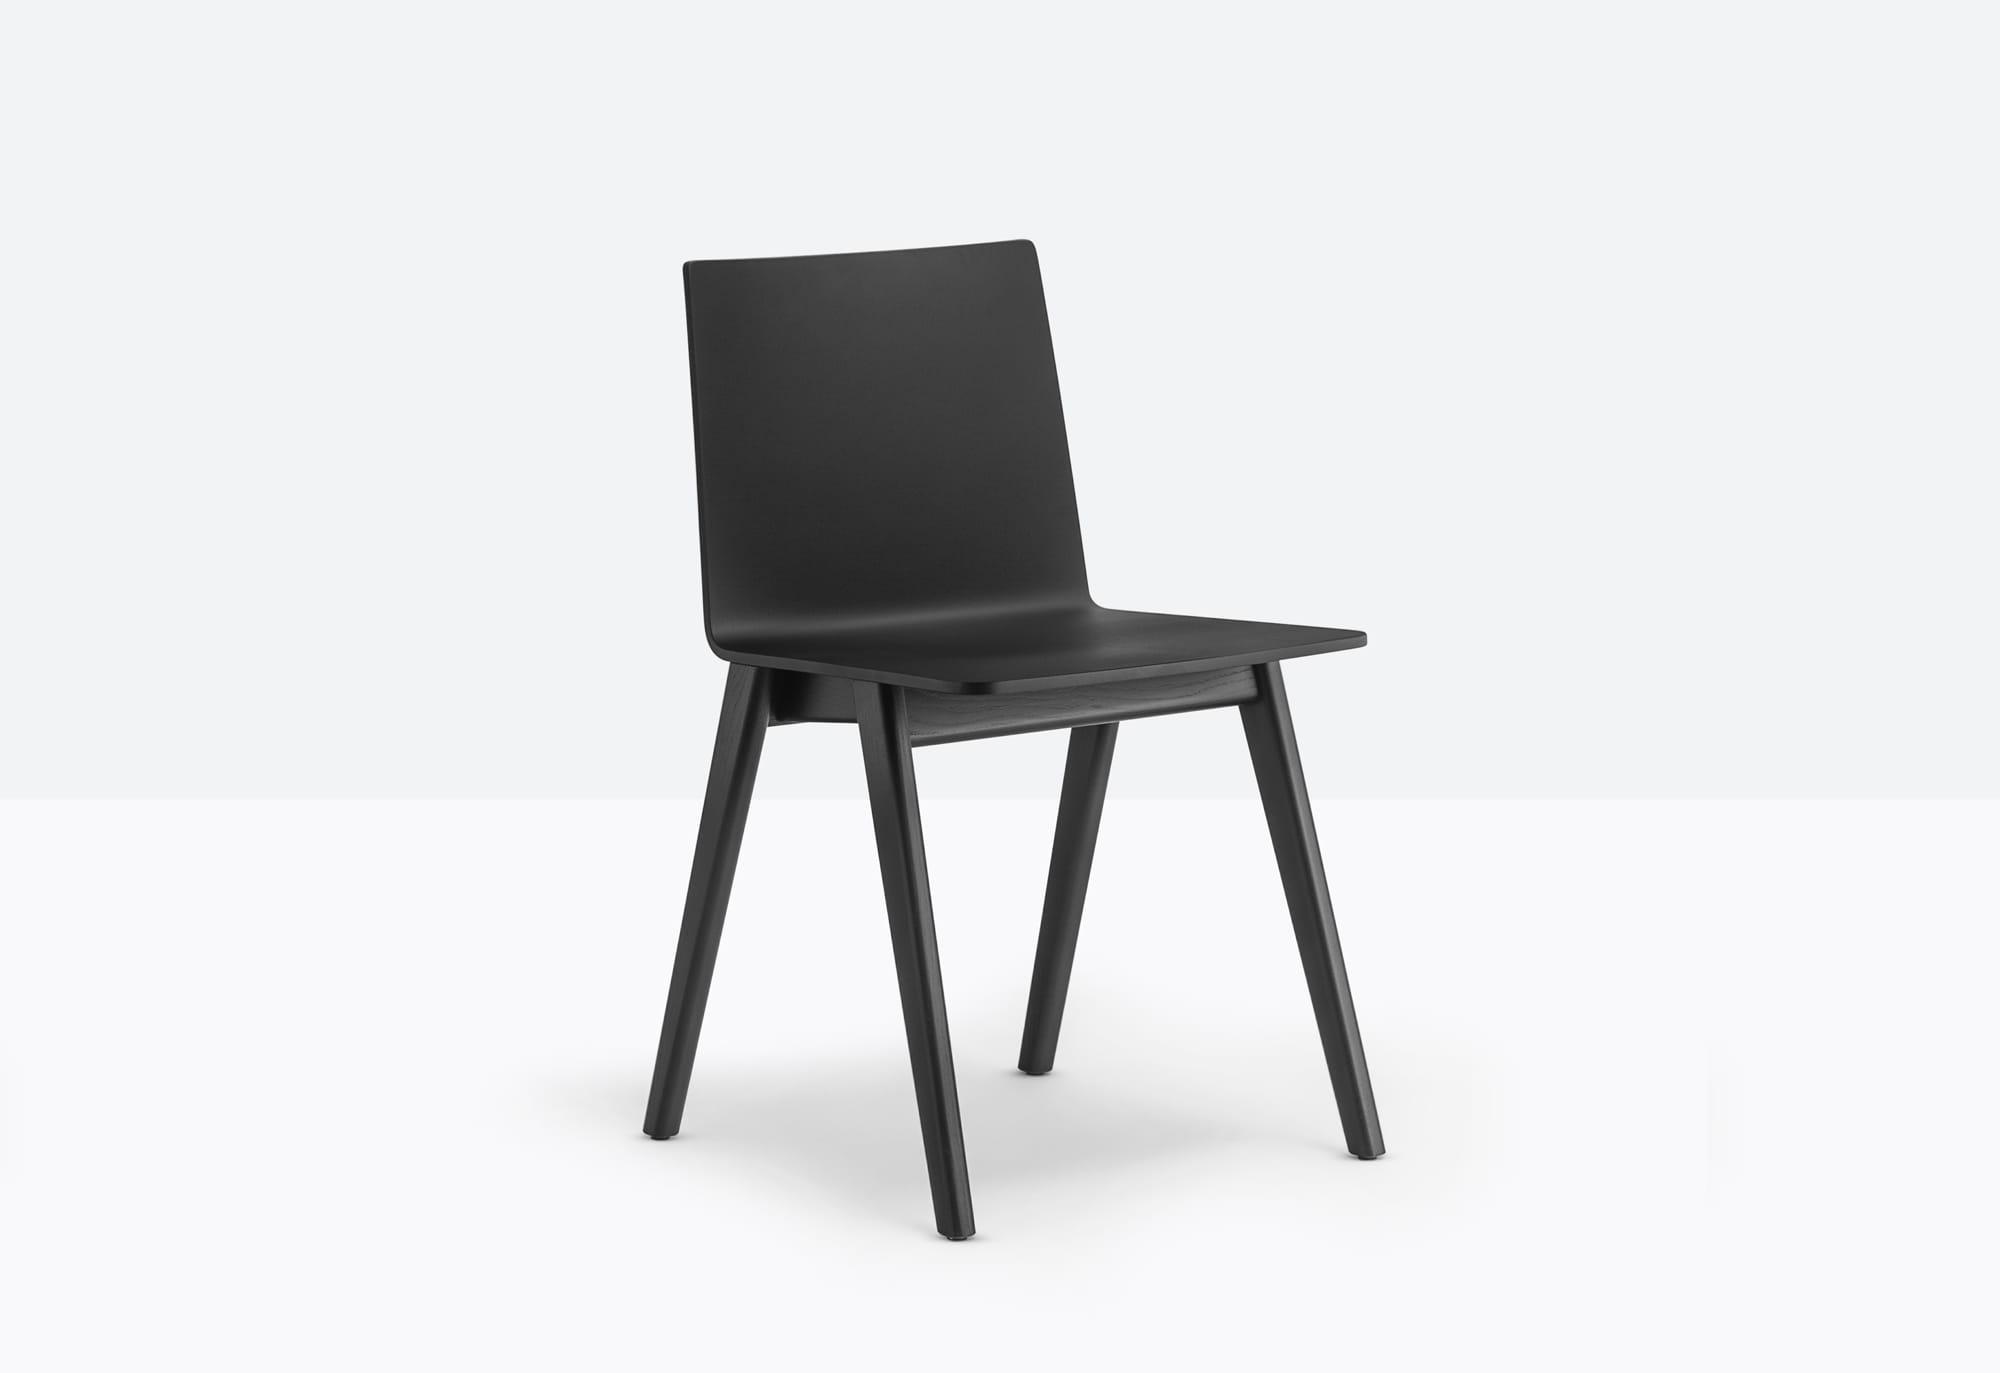 Pedrali Krzesło Osaka 2810 MO Brązowy ciemny